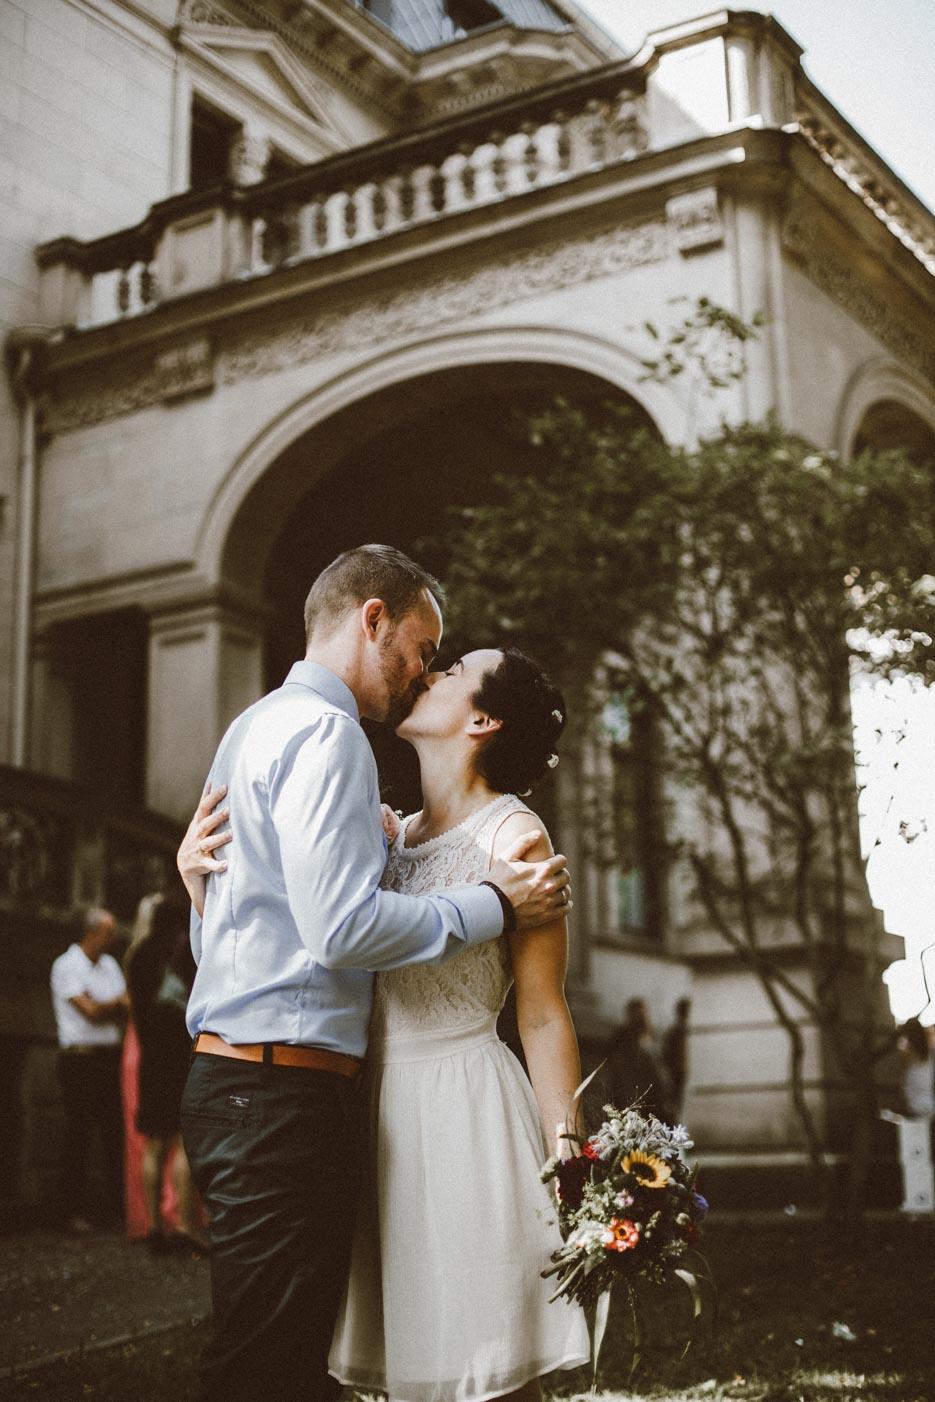 Frisch verheiratet!